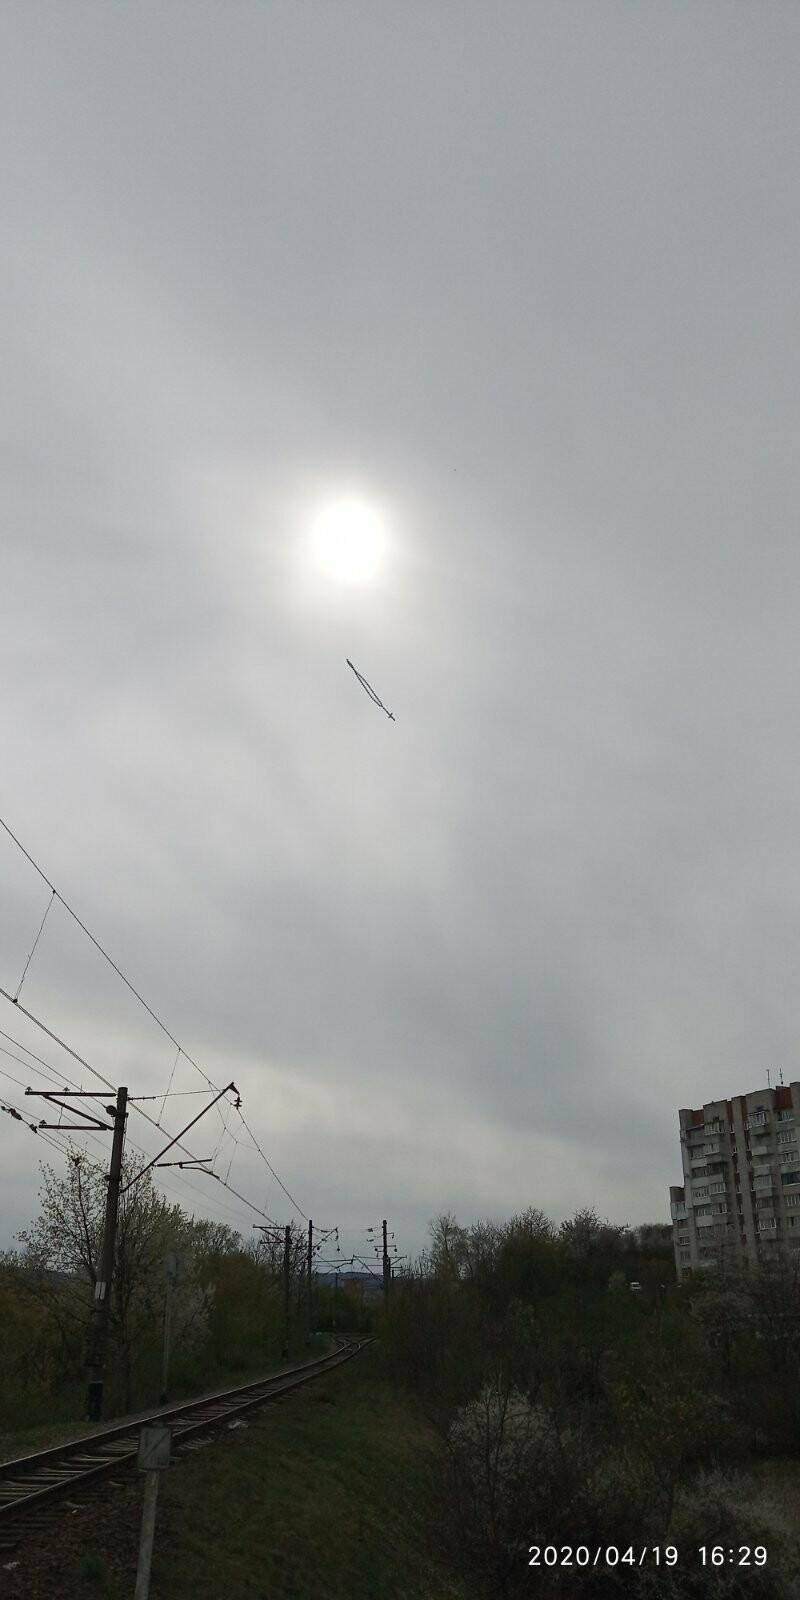 Великдень у Трускавці: над містом літала вервиця із надувних шарів. Фото, фото-2, 03247.com.ua